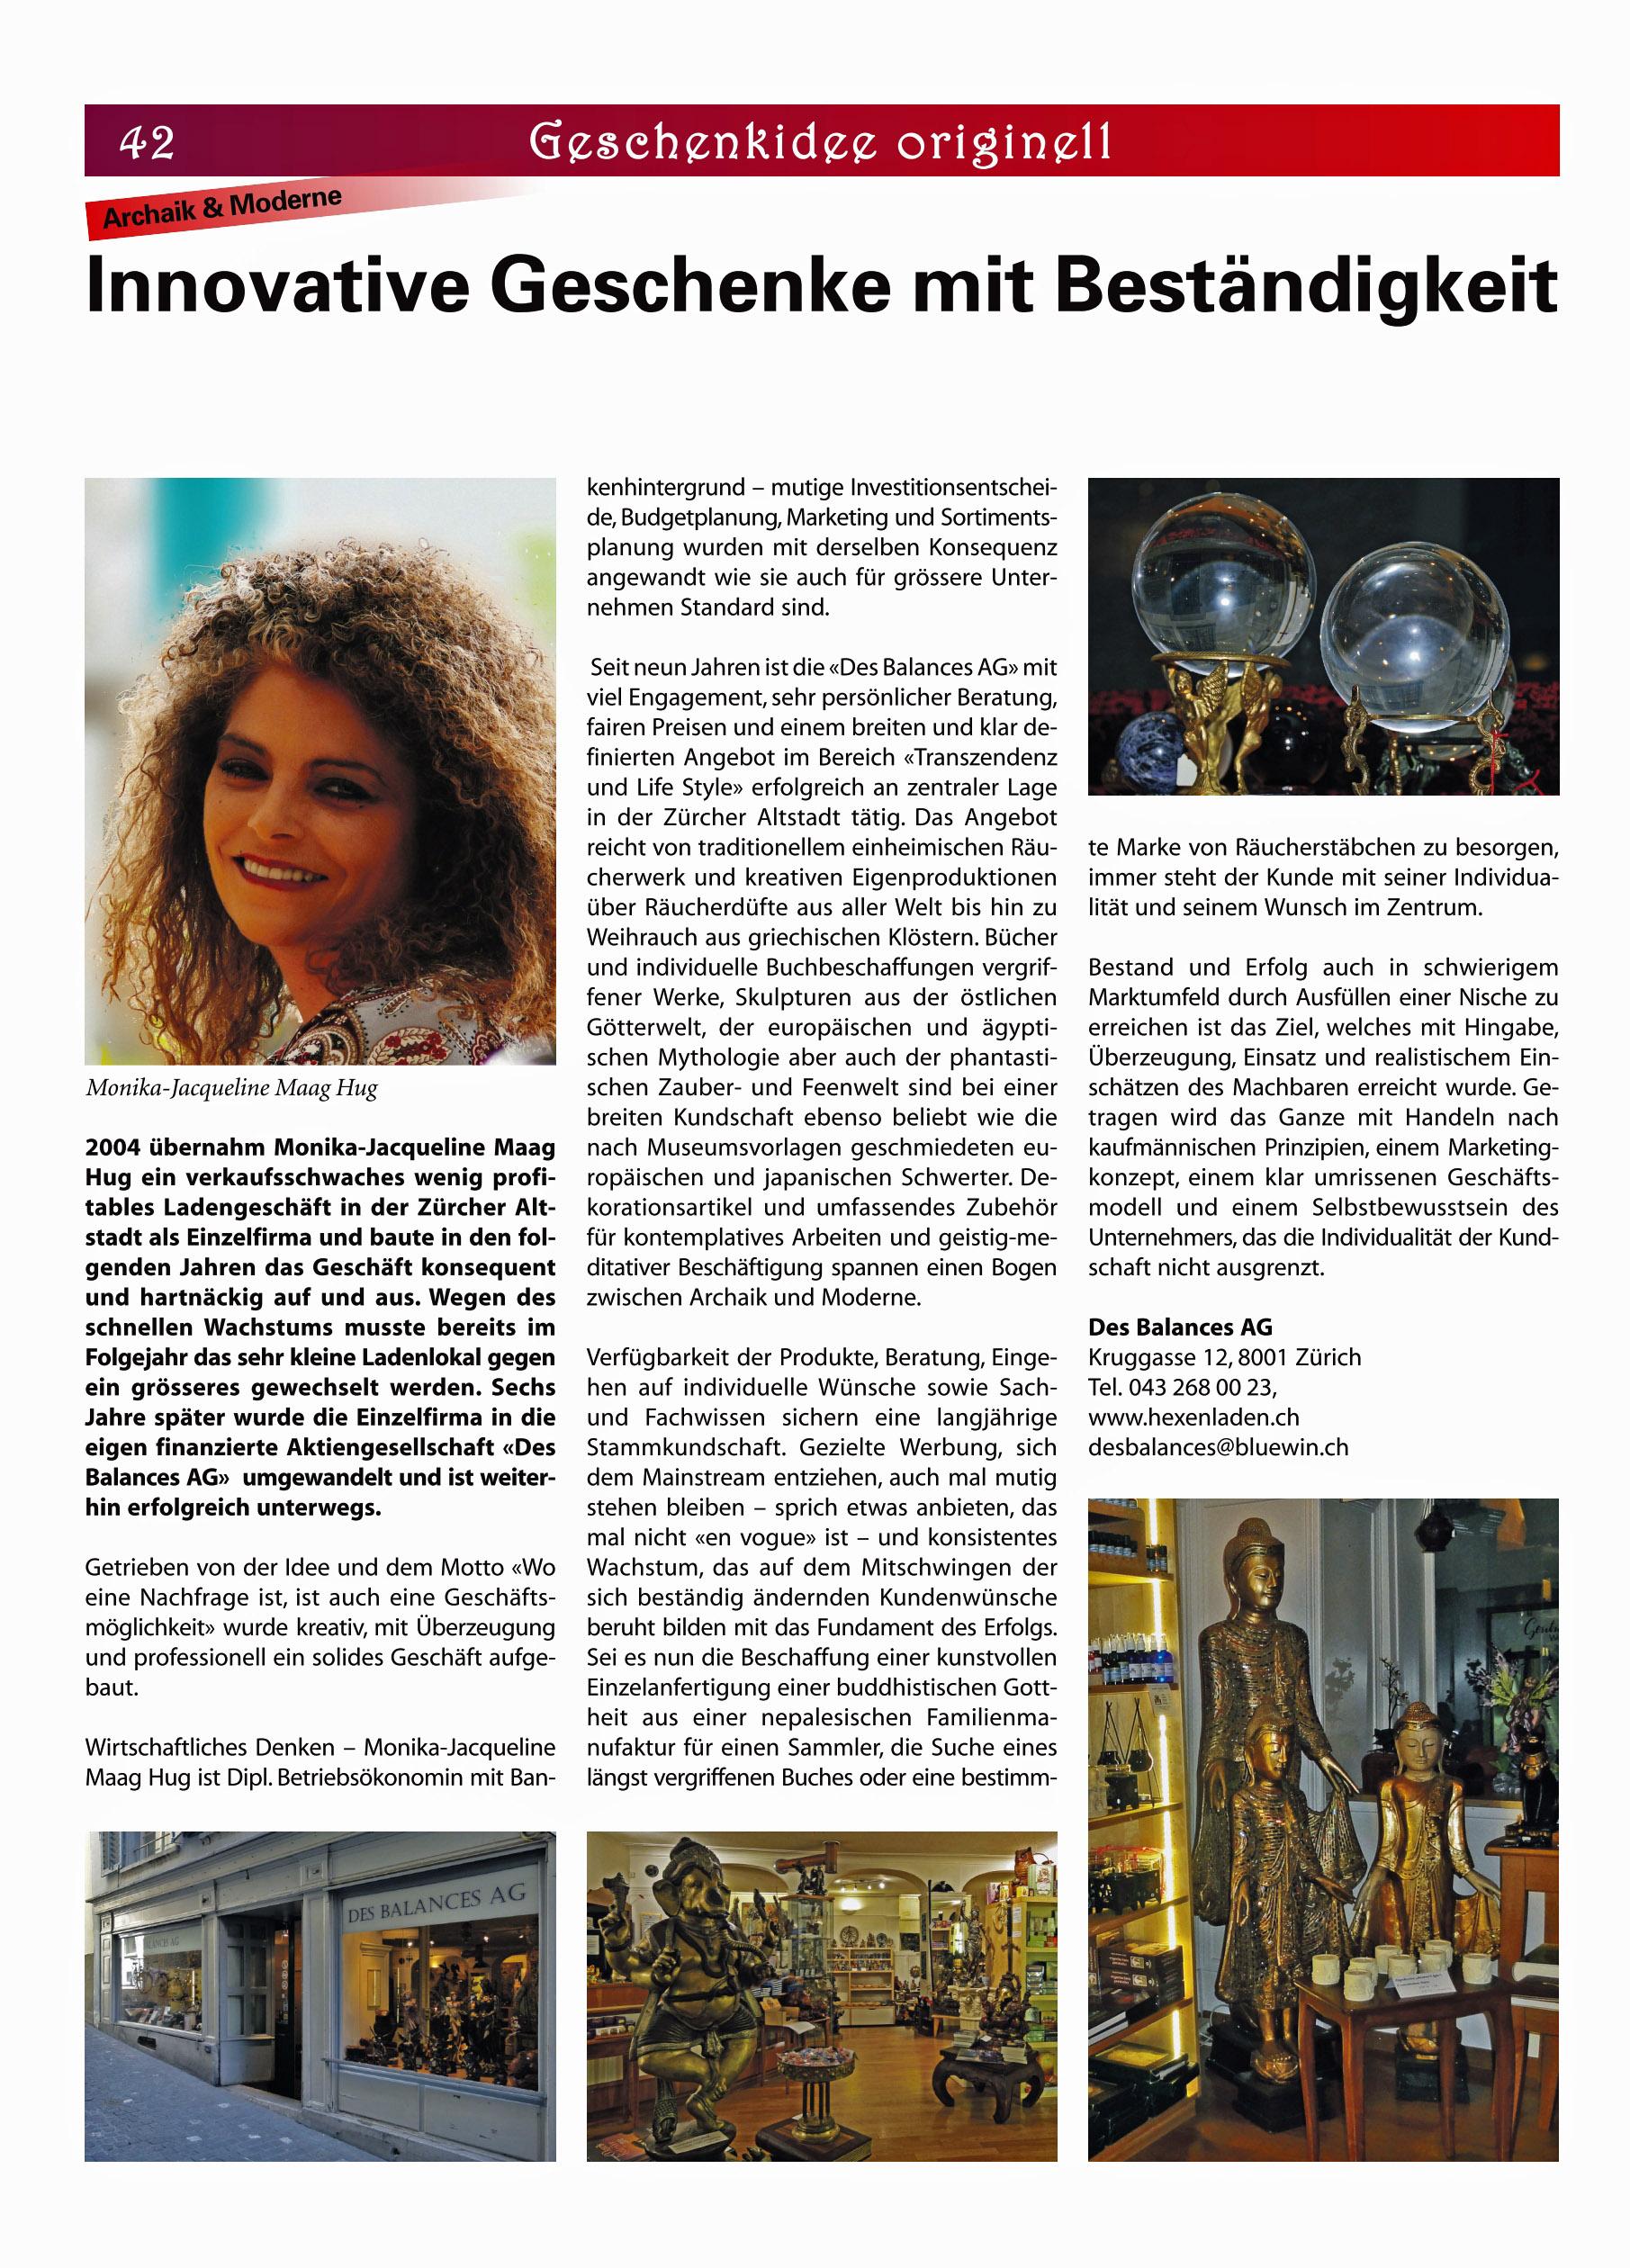 Des Balance AG – Hexenladen shop für Magie, Räucherwerk, Bücher, Schmuck, Pendel, Tarot, Statuen & Edelsteine